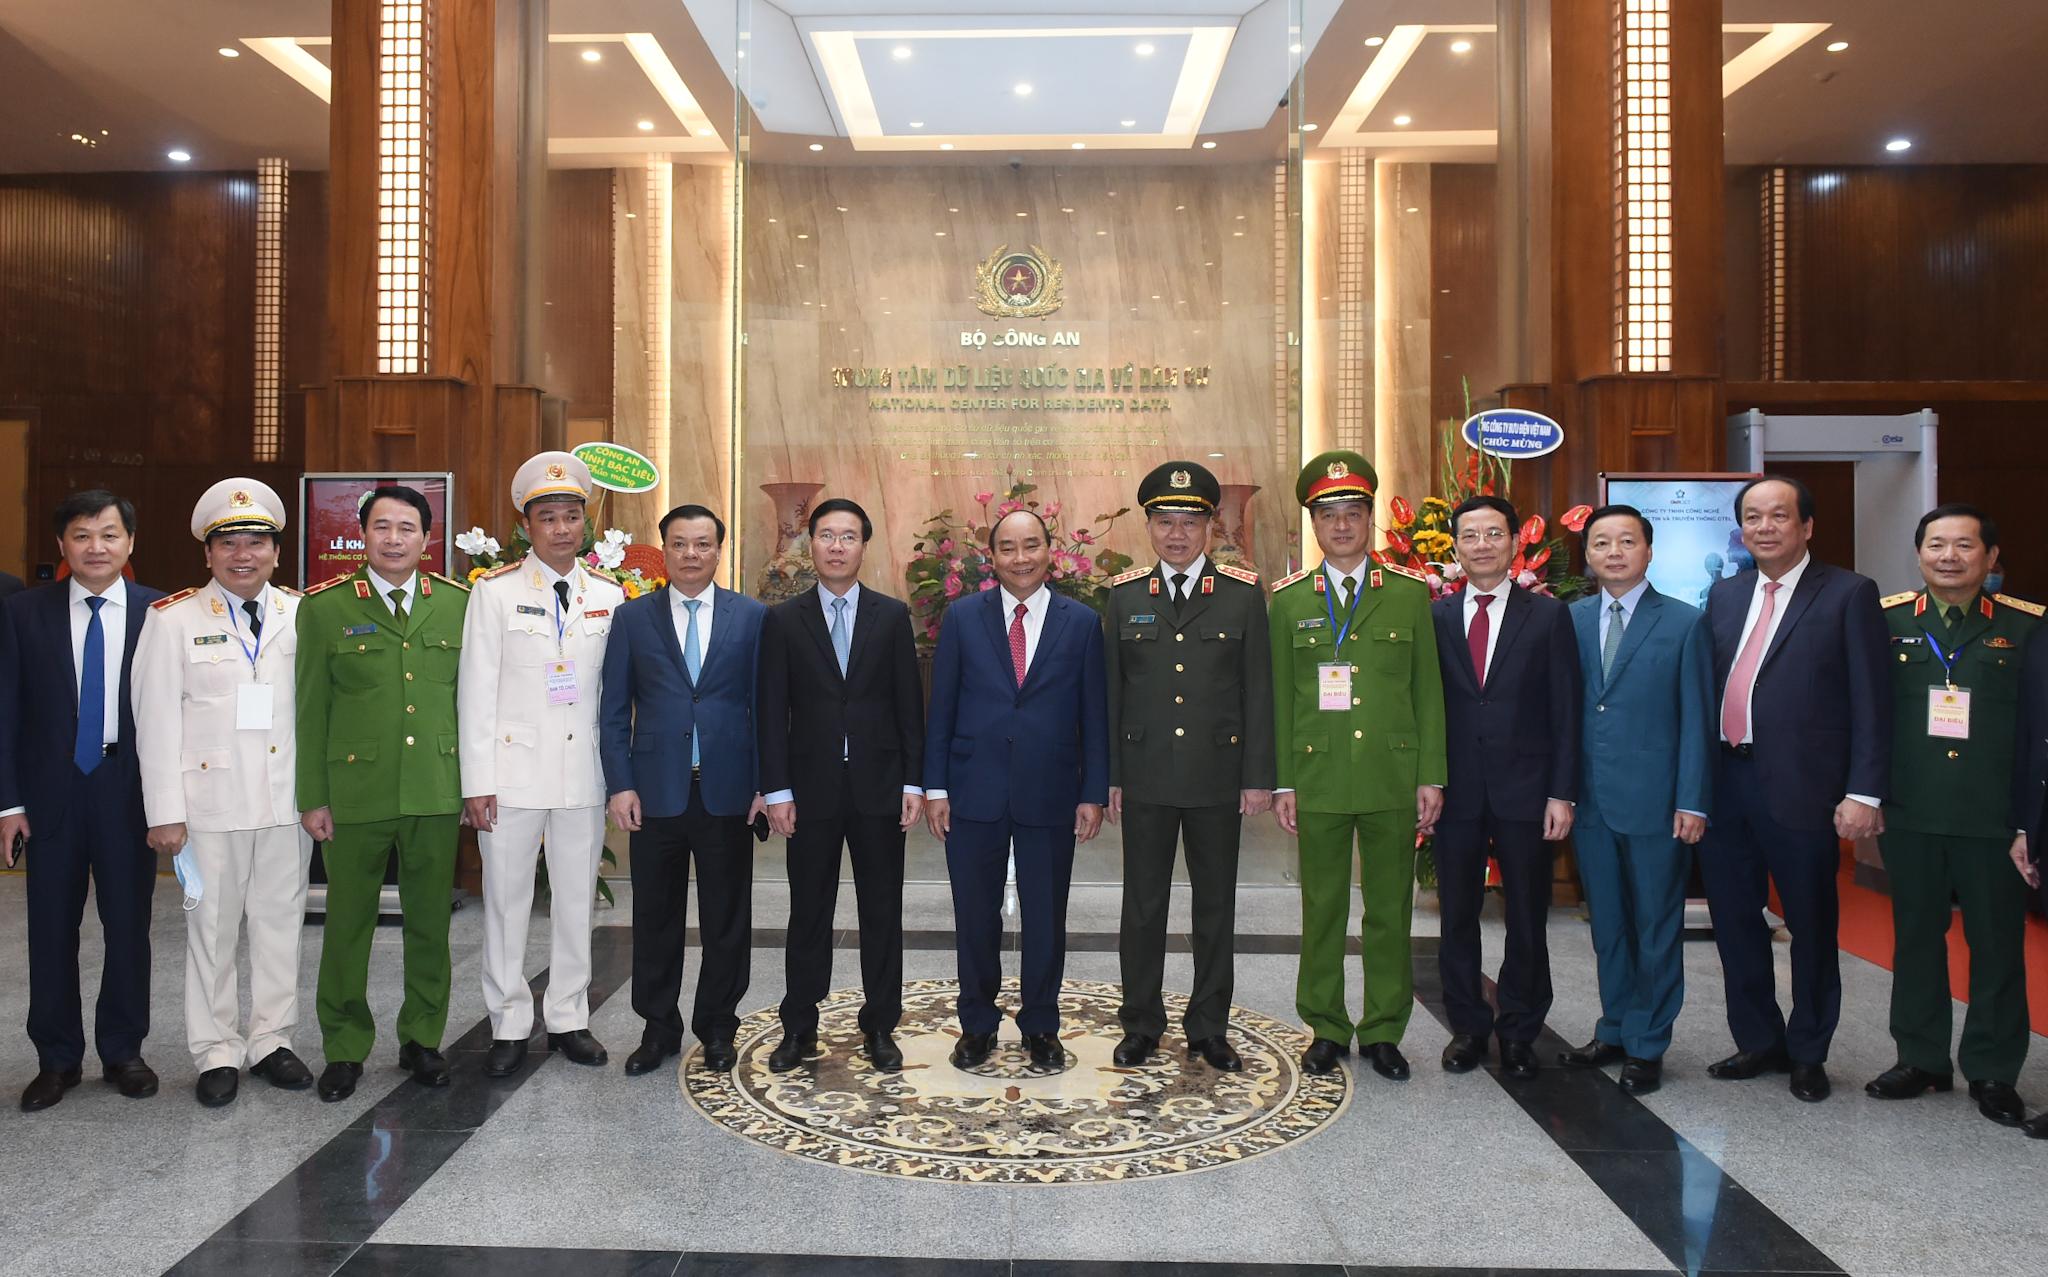 Thủ tướng cùng các đại biểu tới dự buổi lễ. Ảnh VGP/Quang Hiếu